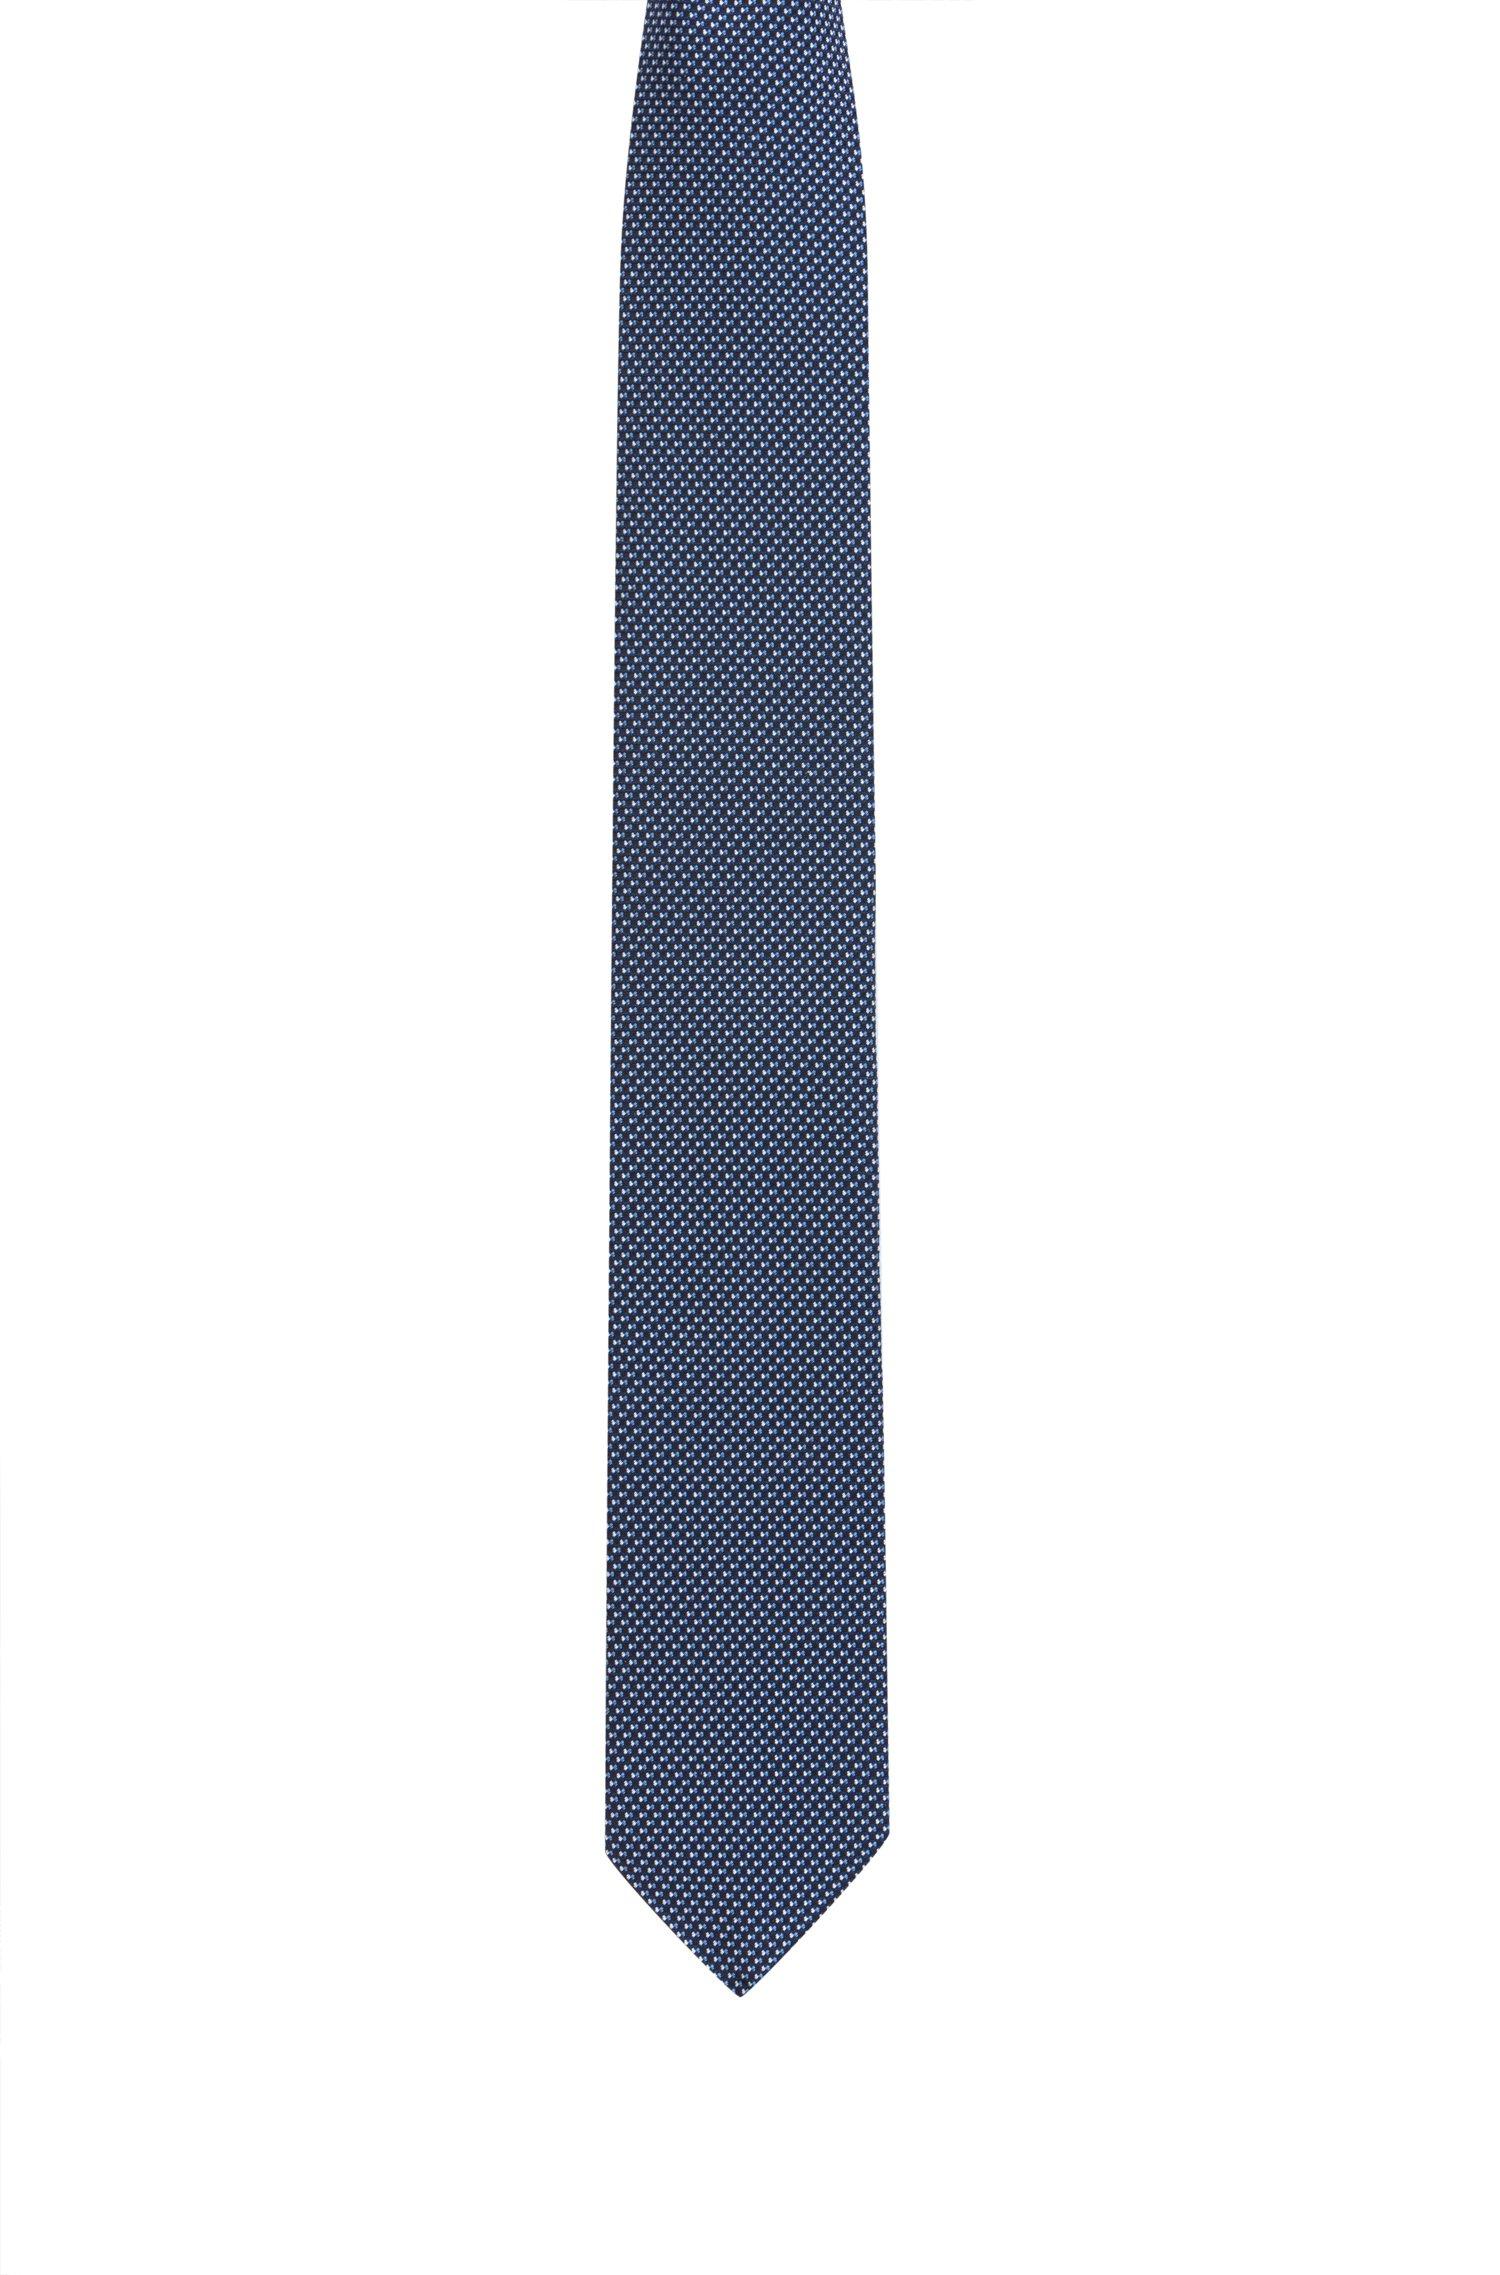 Stropdas in een jacquard van zijde met microdessin, Blauw met dessin